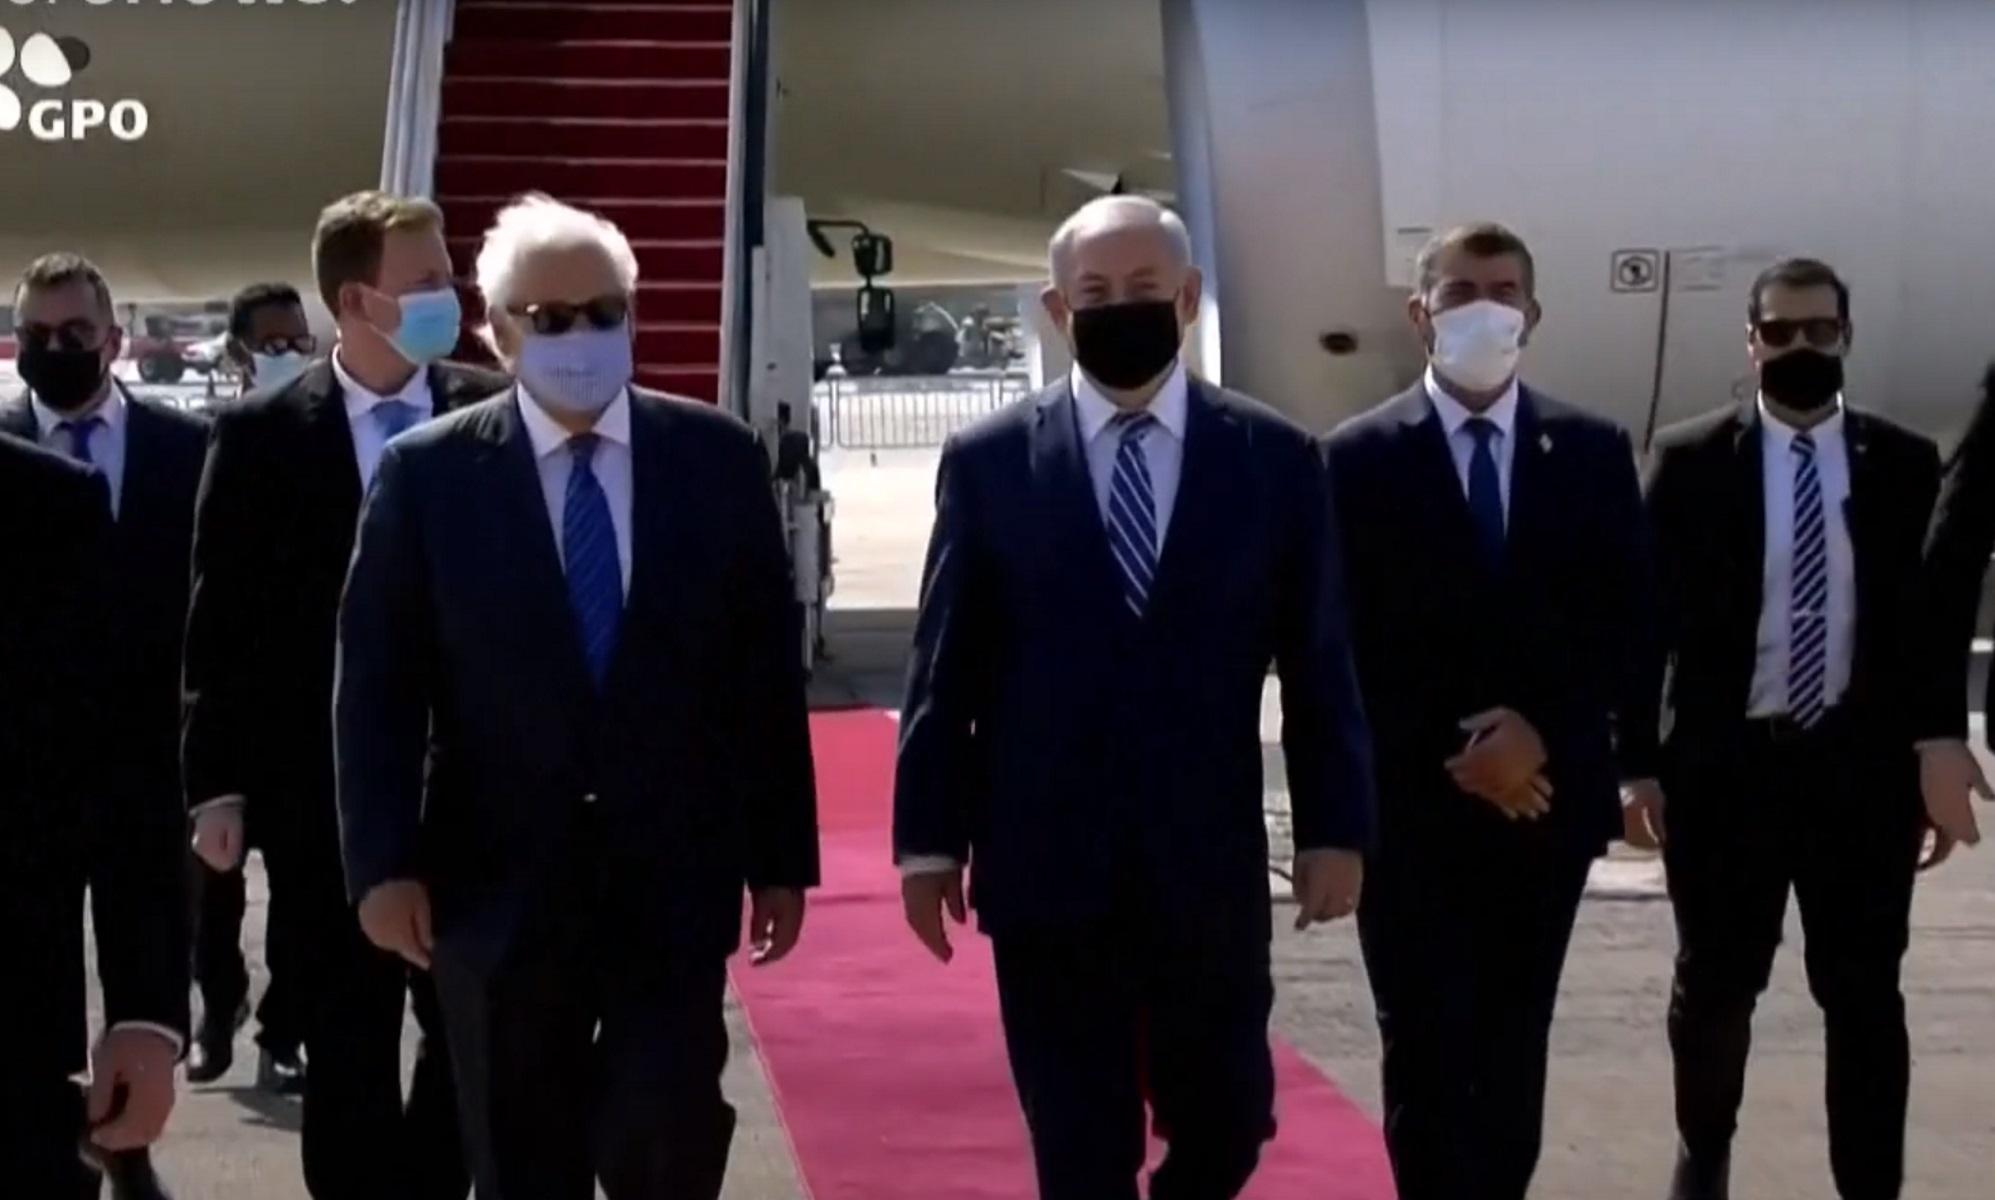 αντιπροσωπεία Ηνωμένων Αραβικών Εμιράτων στο Ισραήλ